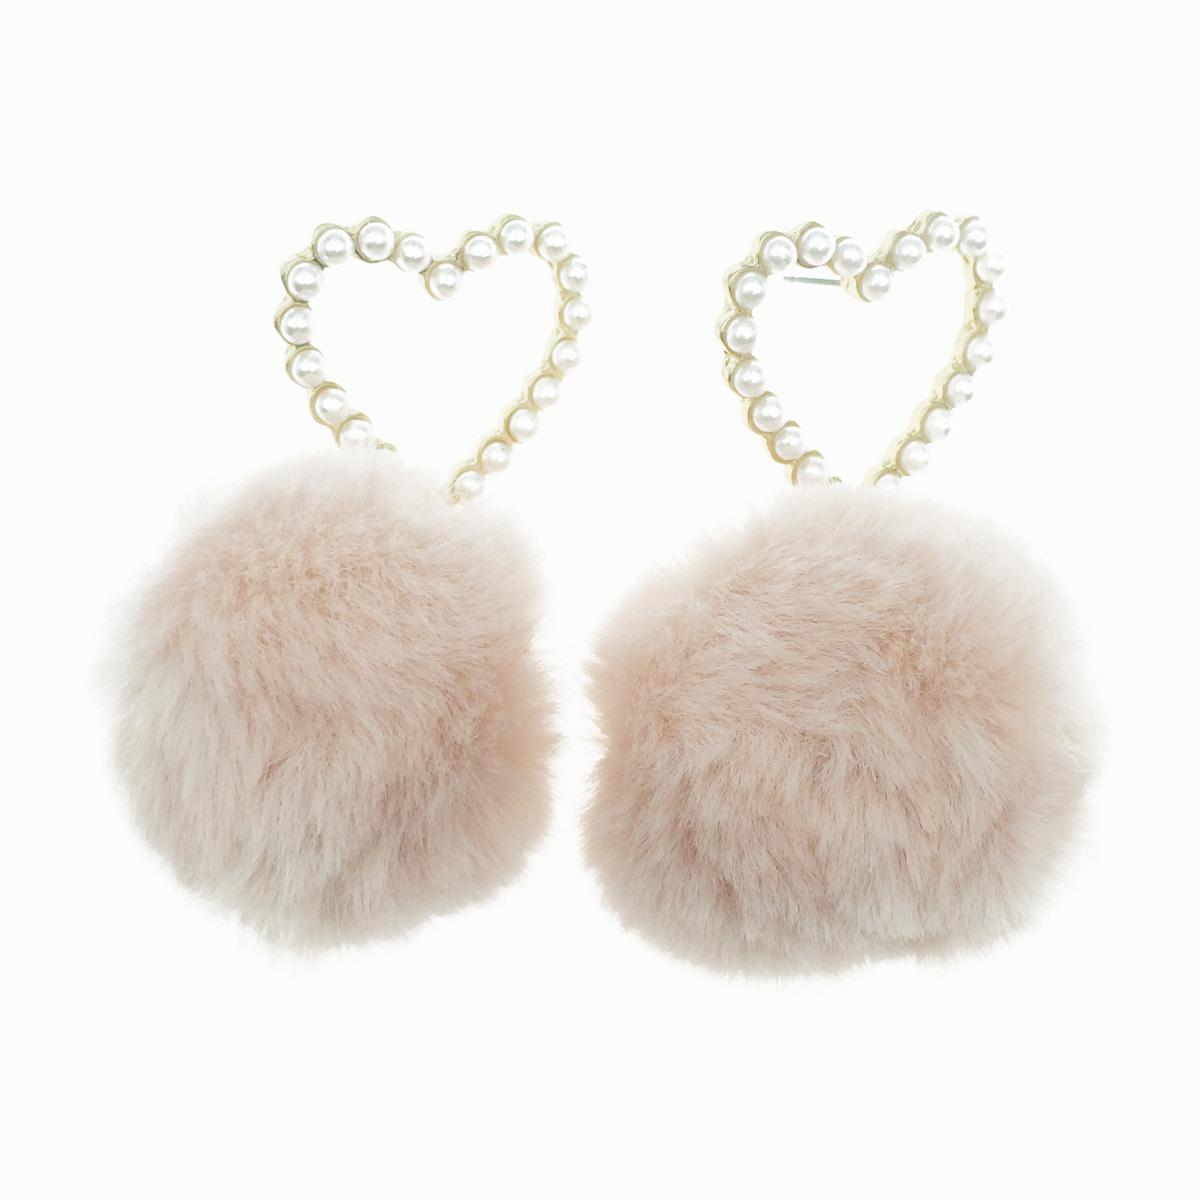 韓國 925純銀 愛心 簍空 珍珠 粉色 毛球 垂墜感 耳針式耳環